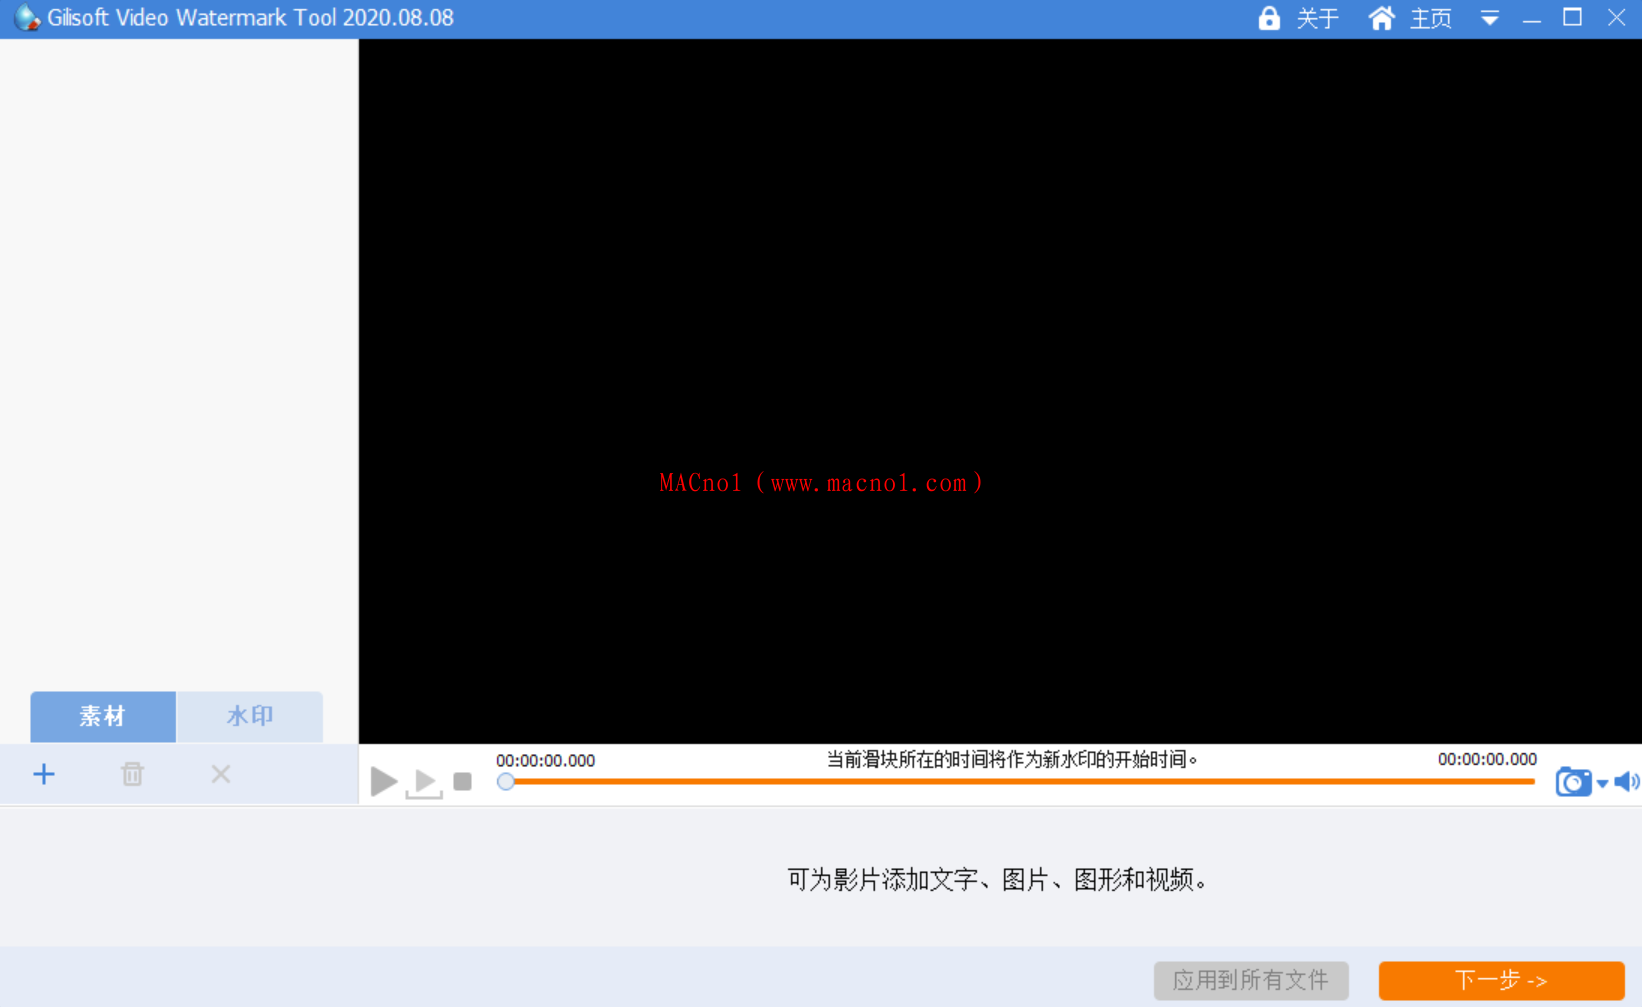 GiliSoft Video Watermark Tool.png